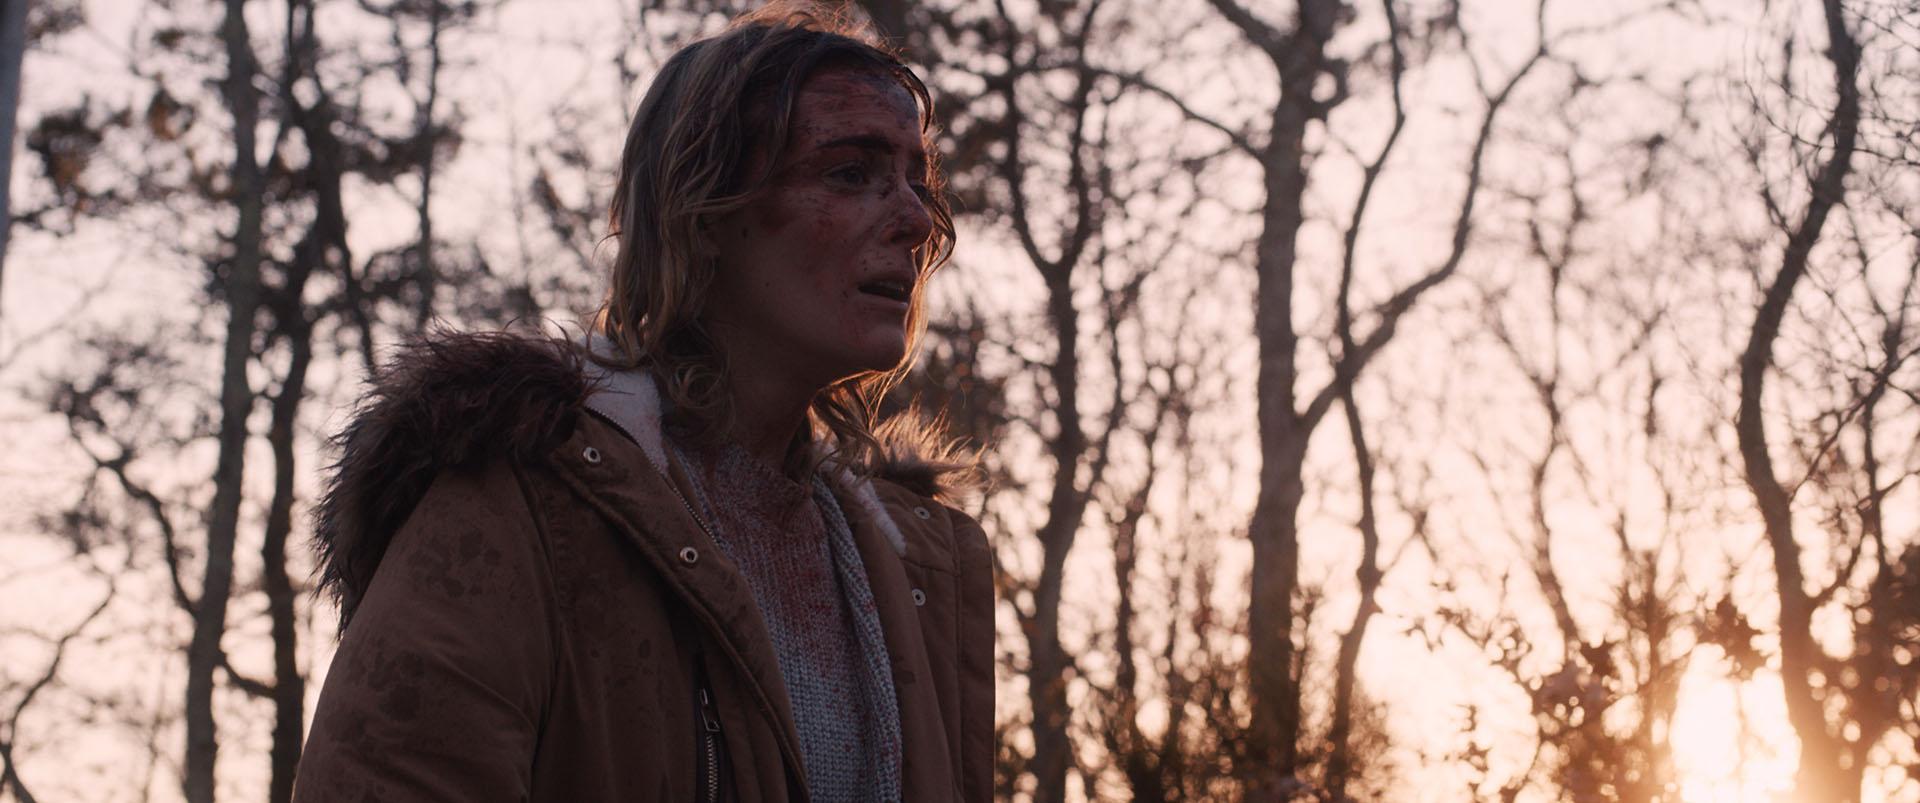 Cena do filme Corte Profundo. Nela, vemos uma mulher branca e loira na floresta, ela tem sangue sujando seu rosto e um semblante de cansaço. Está anoitecendo.